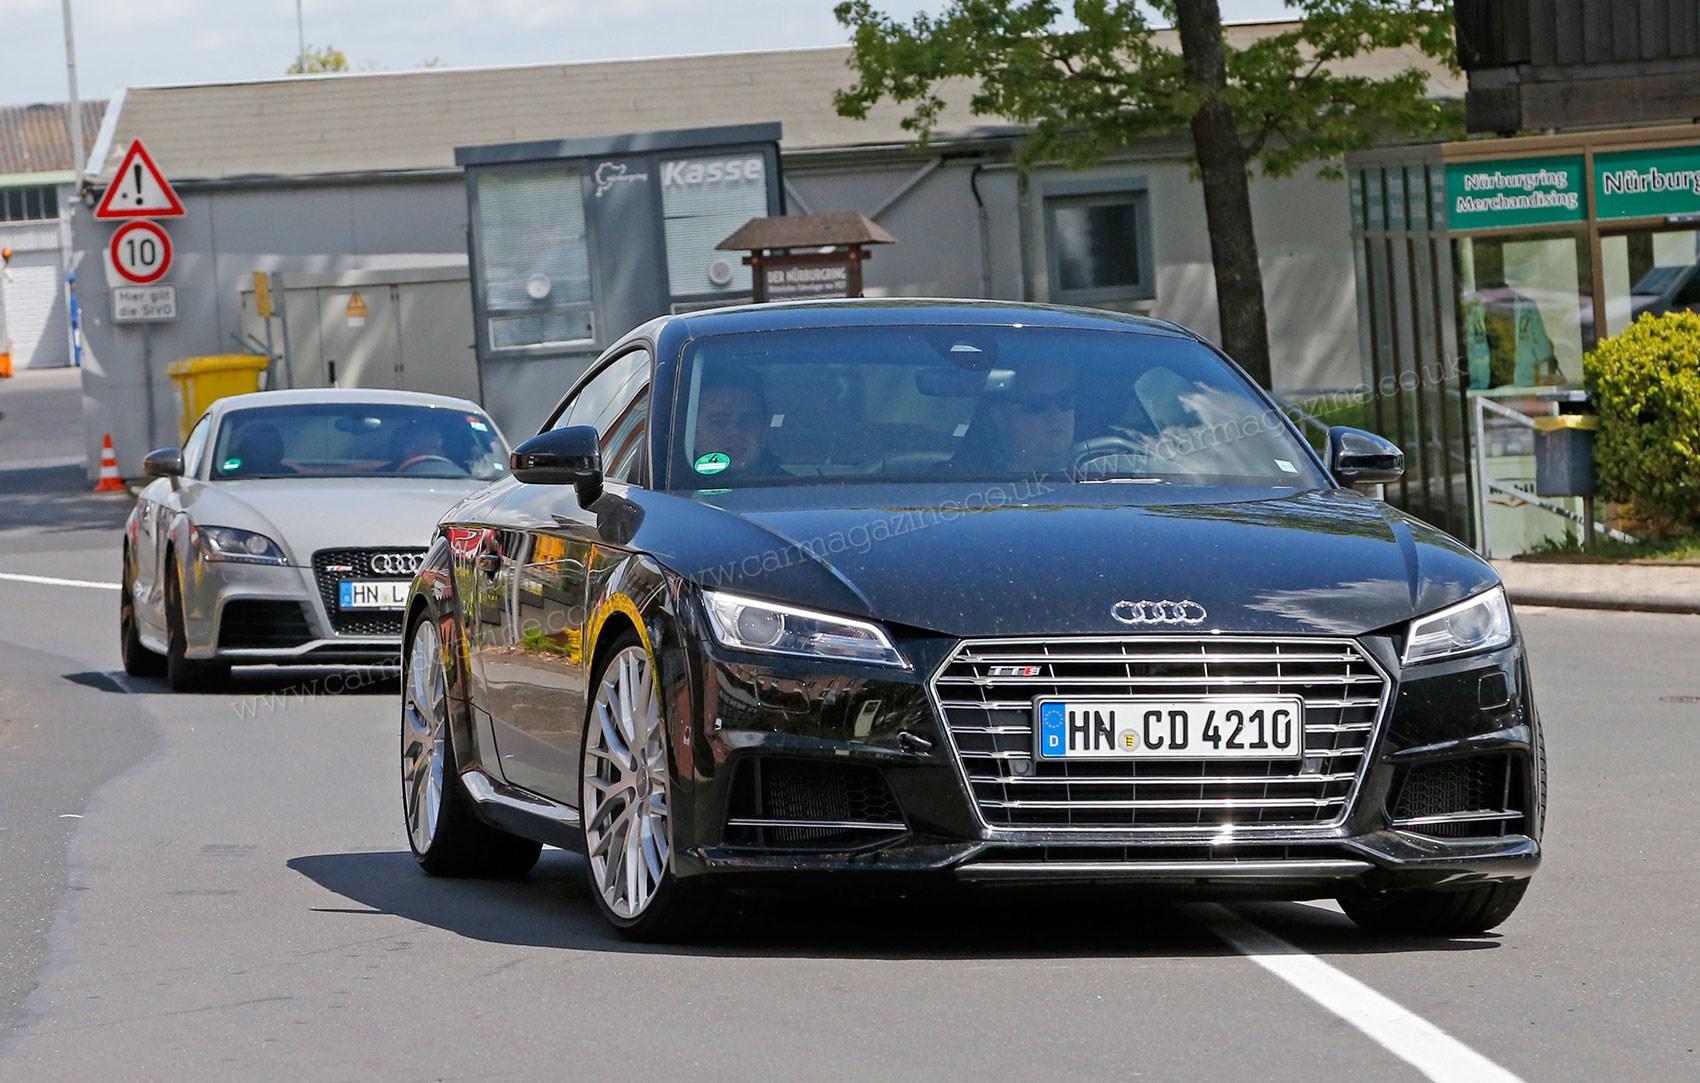 Our Spy Photos Capture A Brace Of Audi Tt Rses